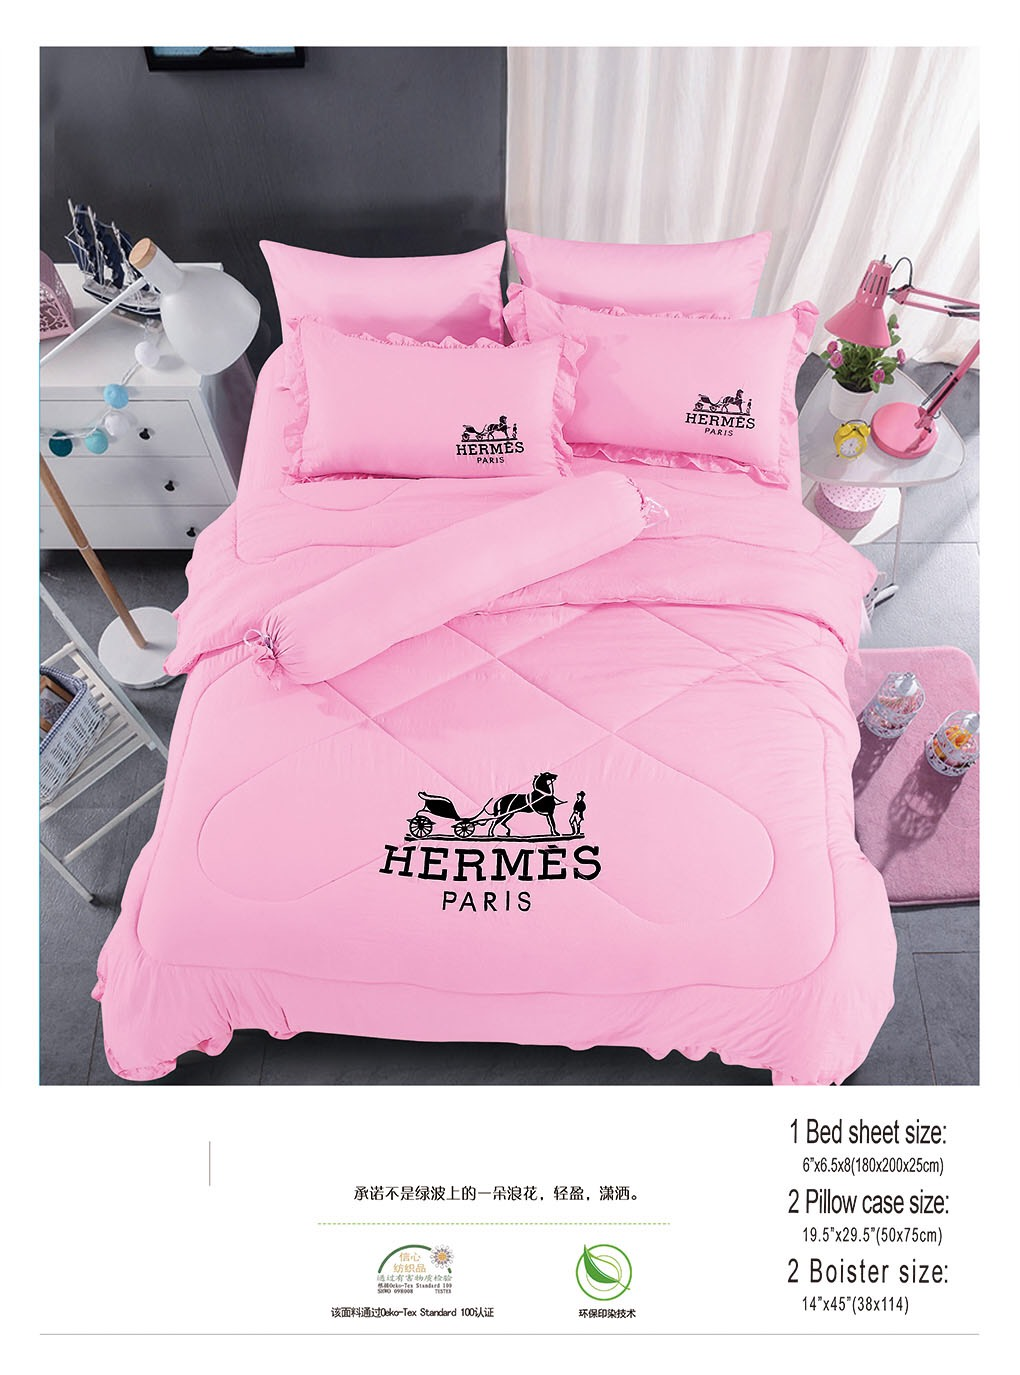 ชุดเครื่องนอนเกรด Top พรีเมี่ยม ผ้าคอตตอนเนื้อนุ่มนิ่มฟู นวมใหญ่ 8 ฟุต แต่งระบายที่ขอบ (ส่งฟรีพัสดุ / ems. 150 บ.)